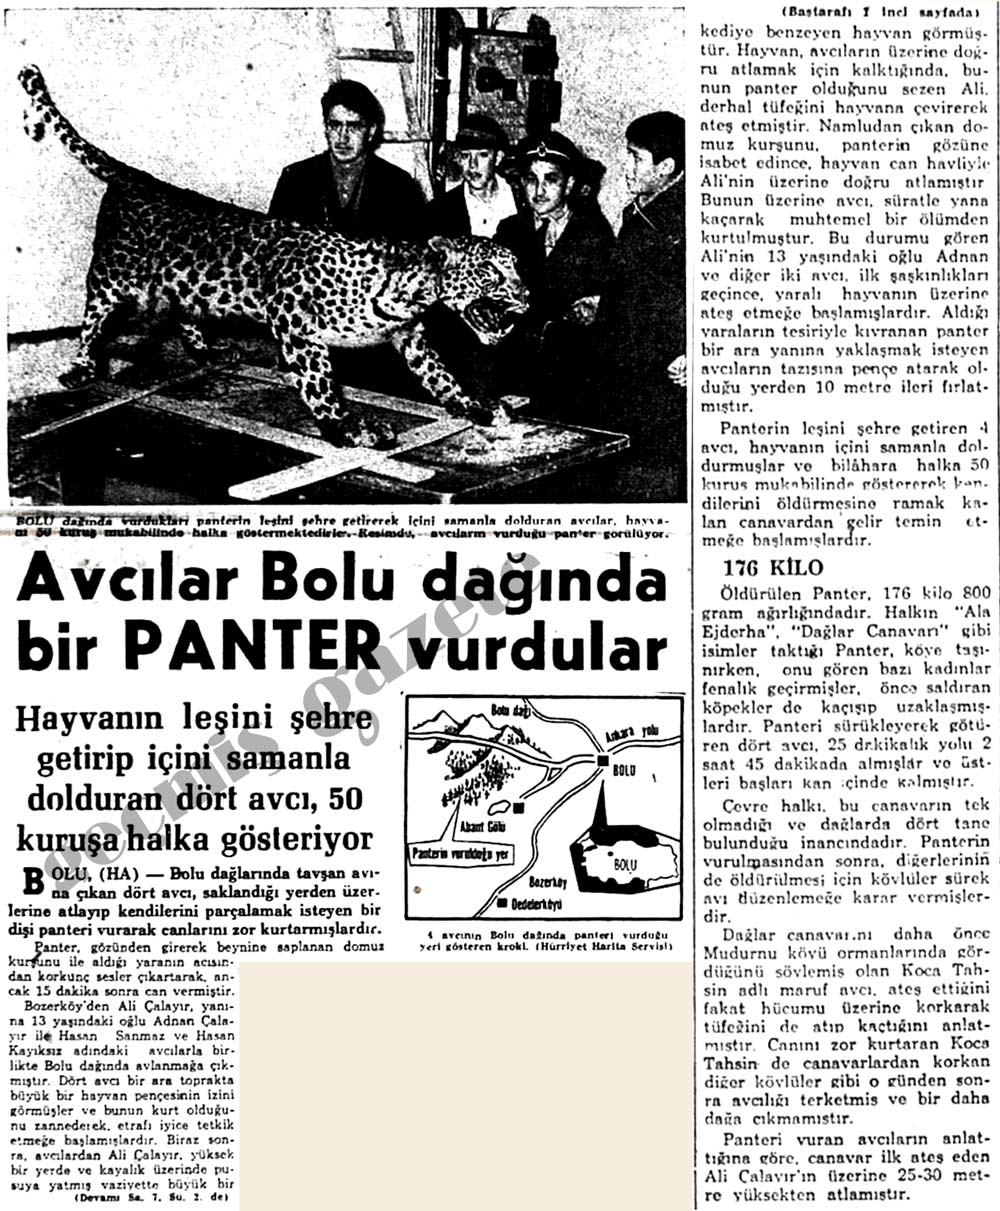 Avcılar Bolu dağında bir Panter vurdular